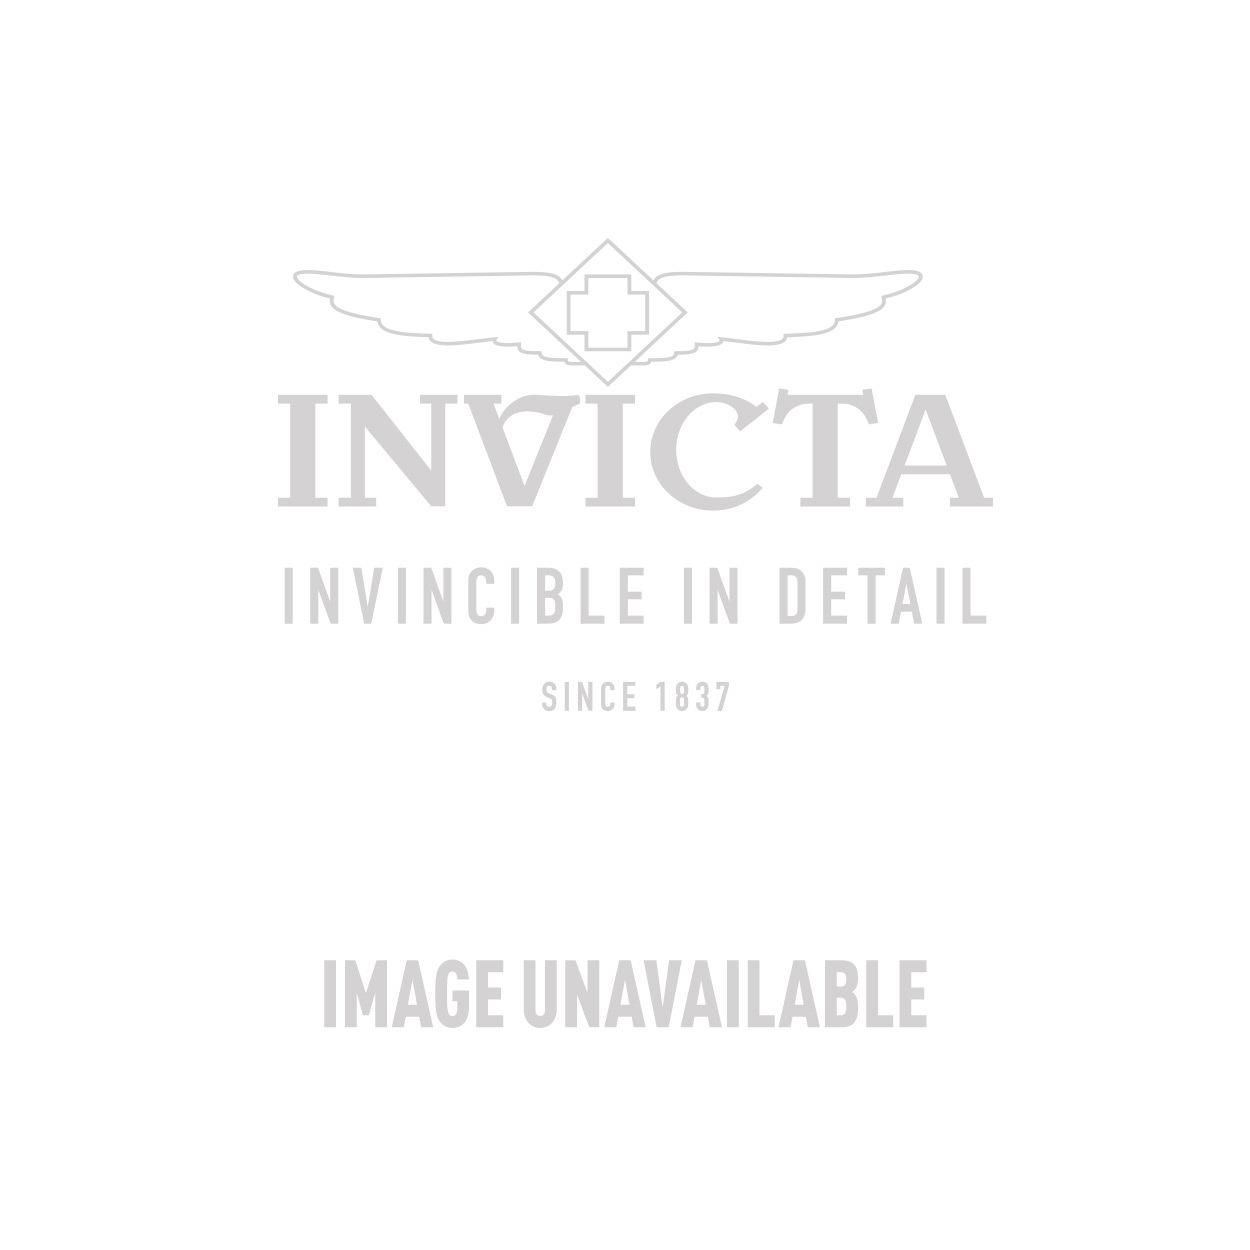 Invicta Model 29406